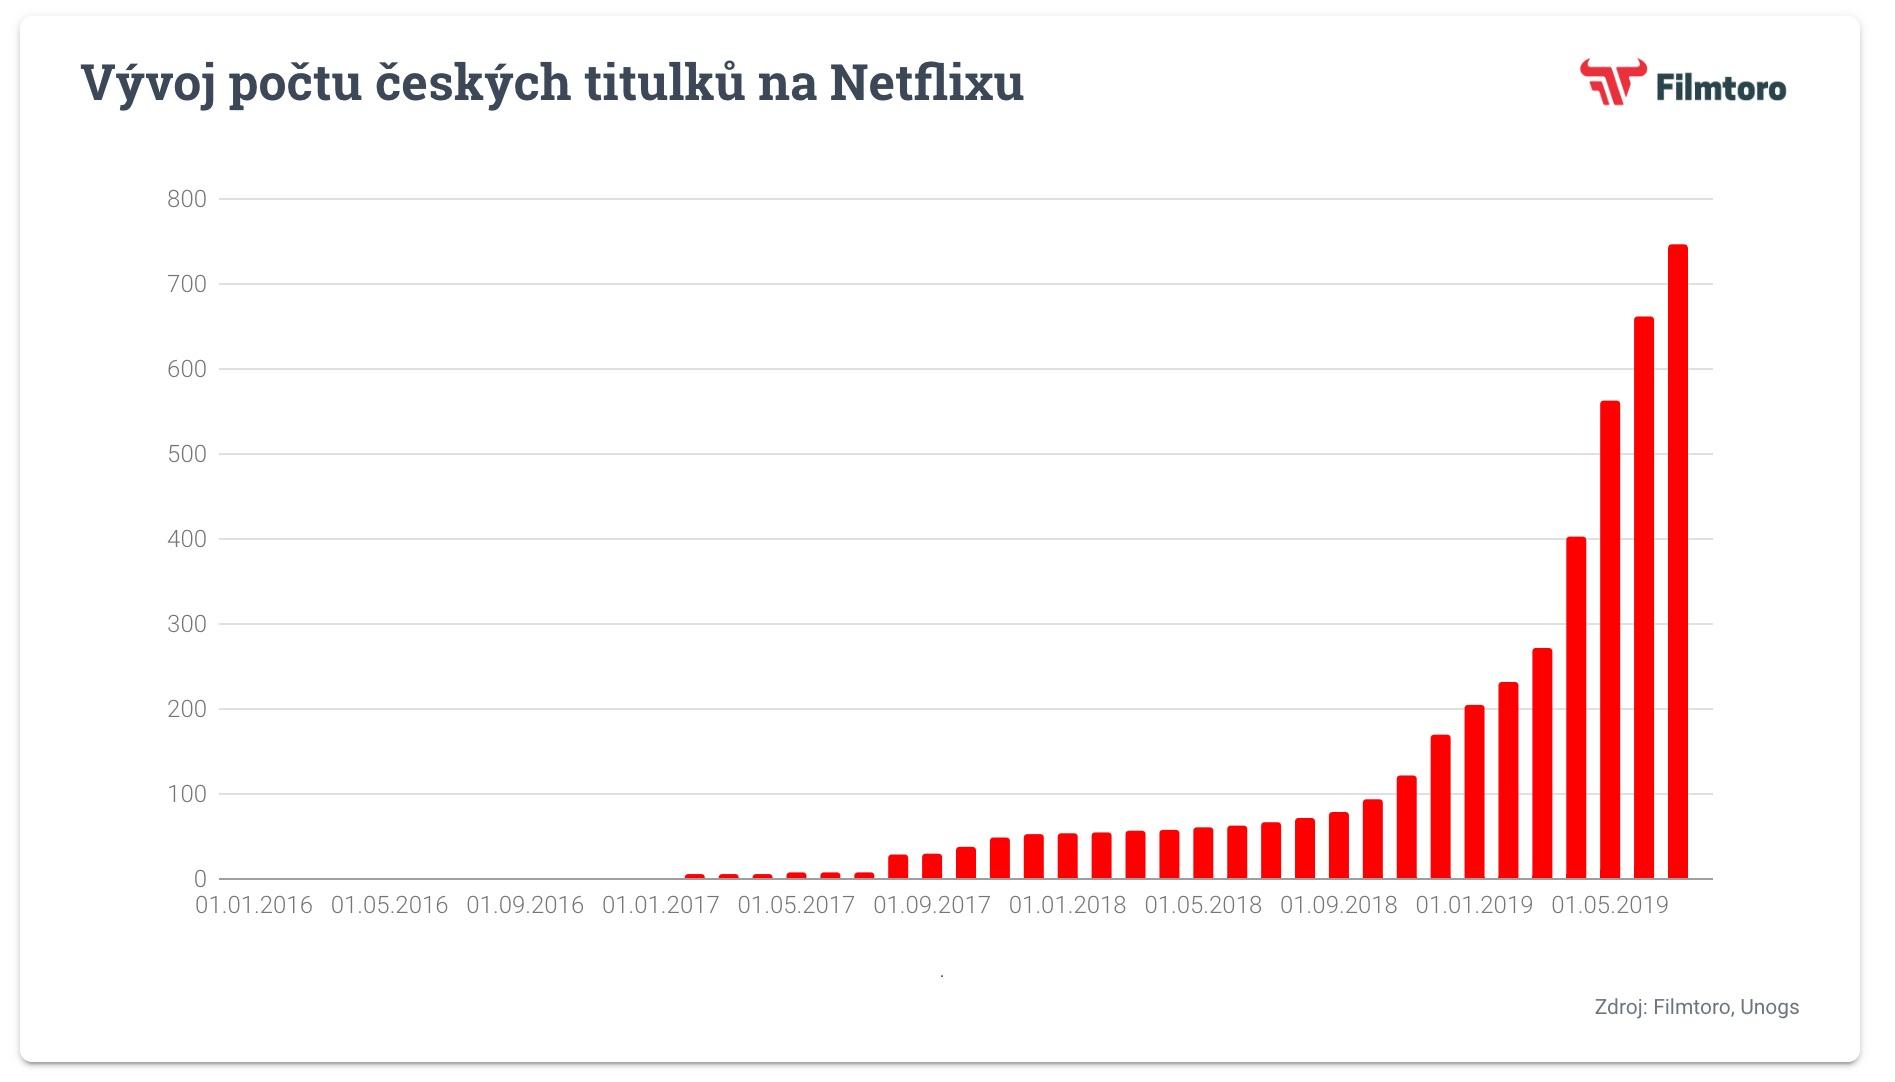 Vývoj počtu českých titulků na Netflixu